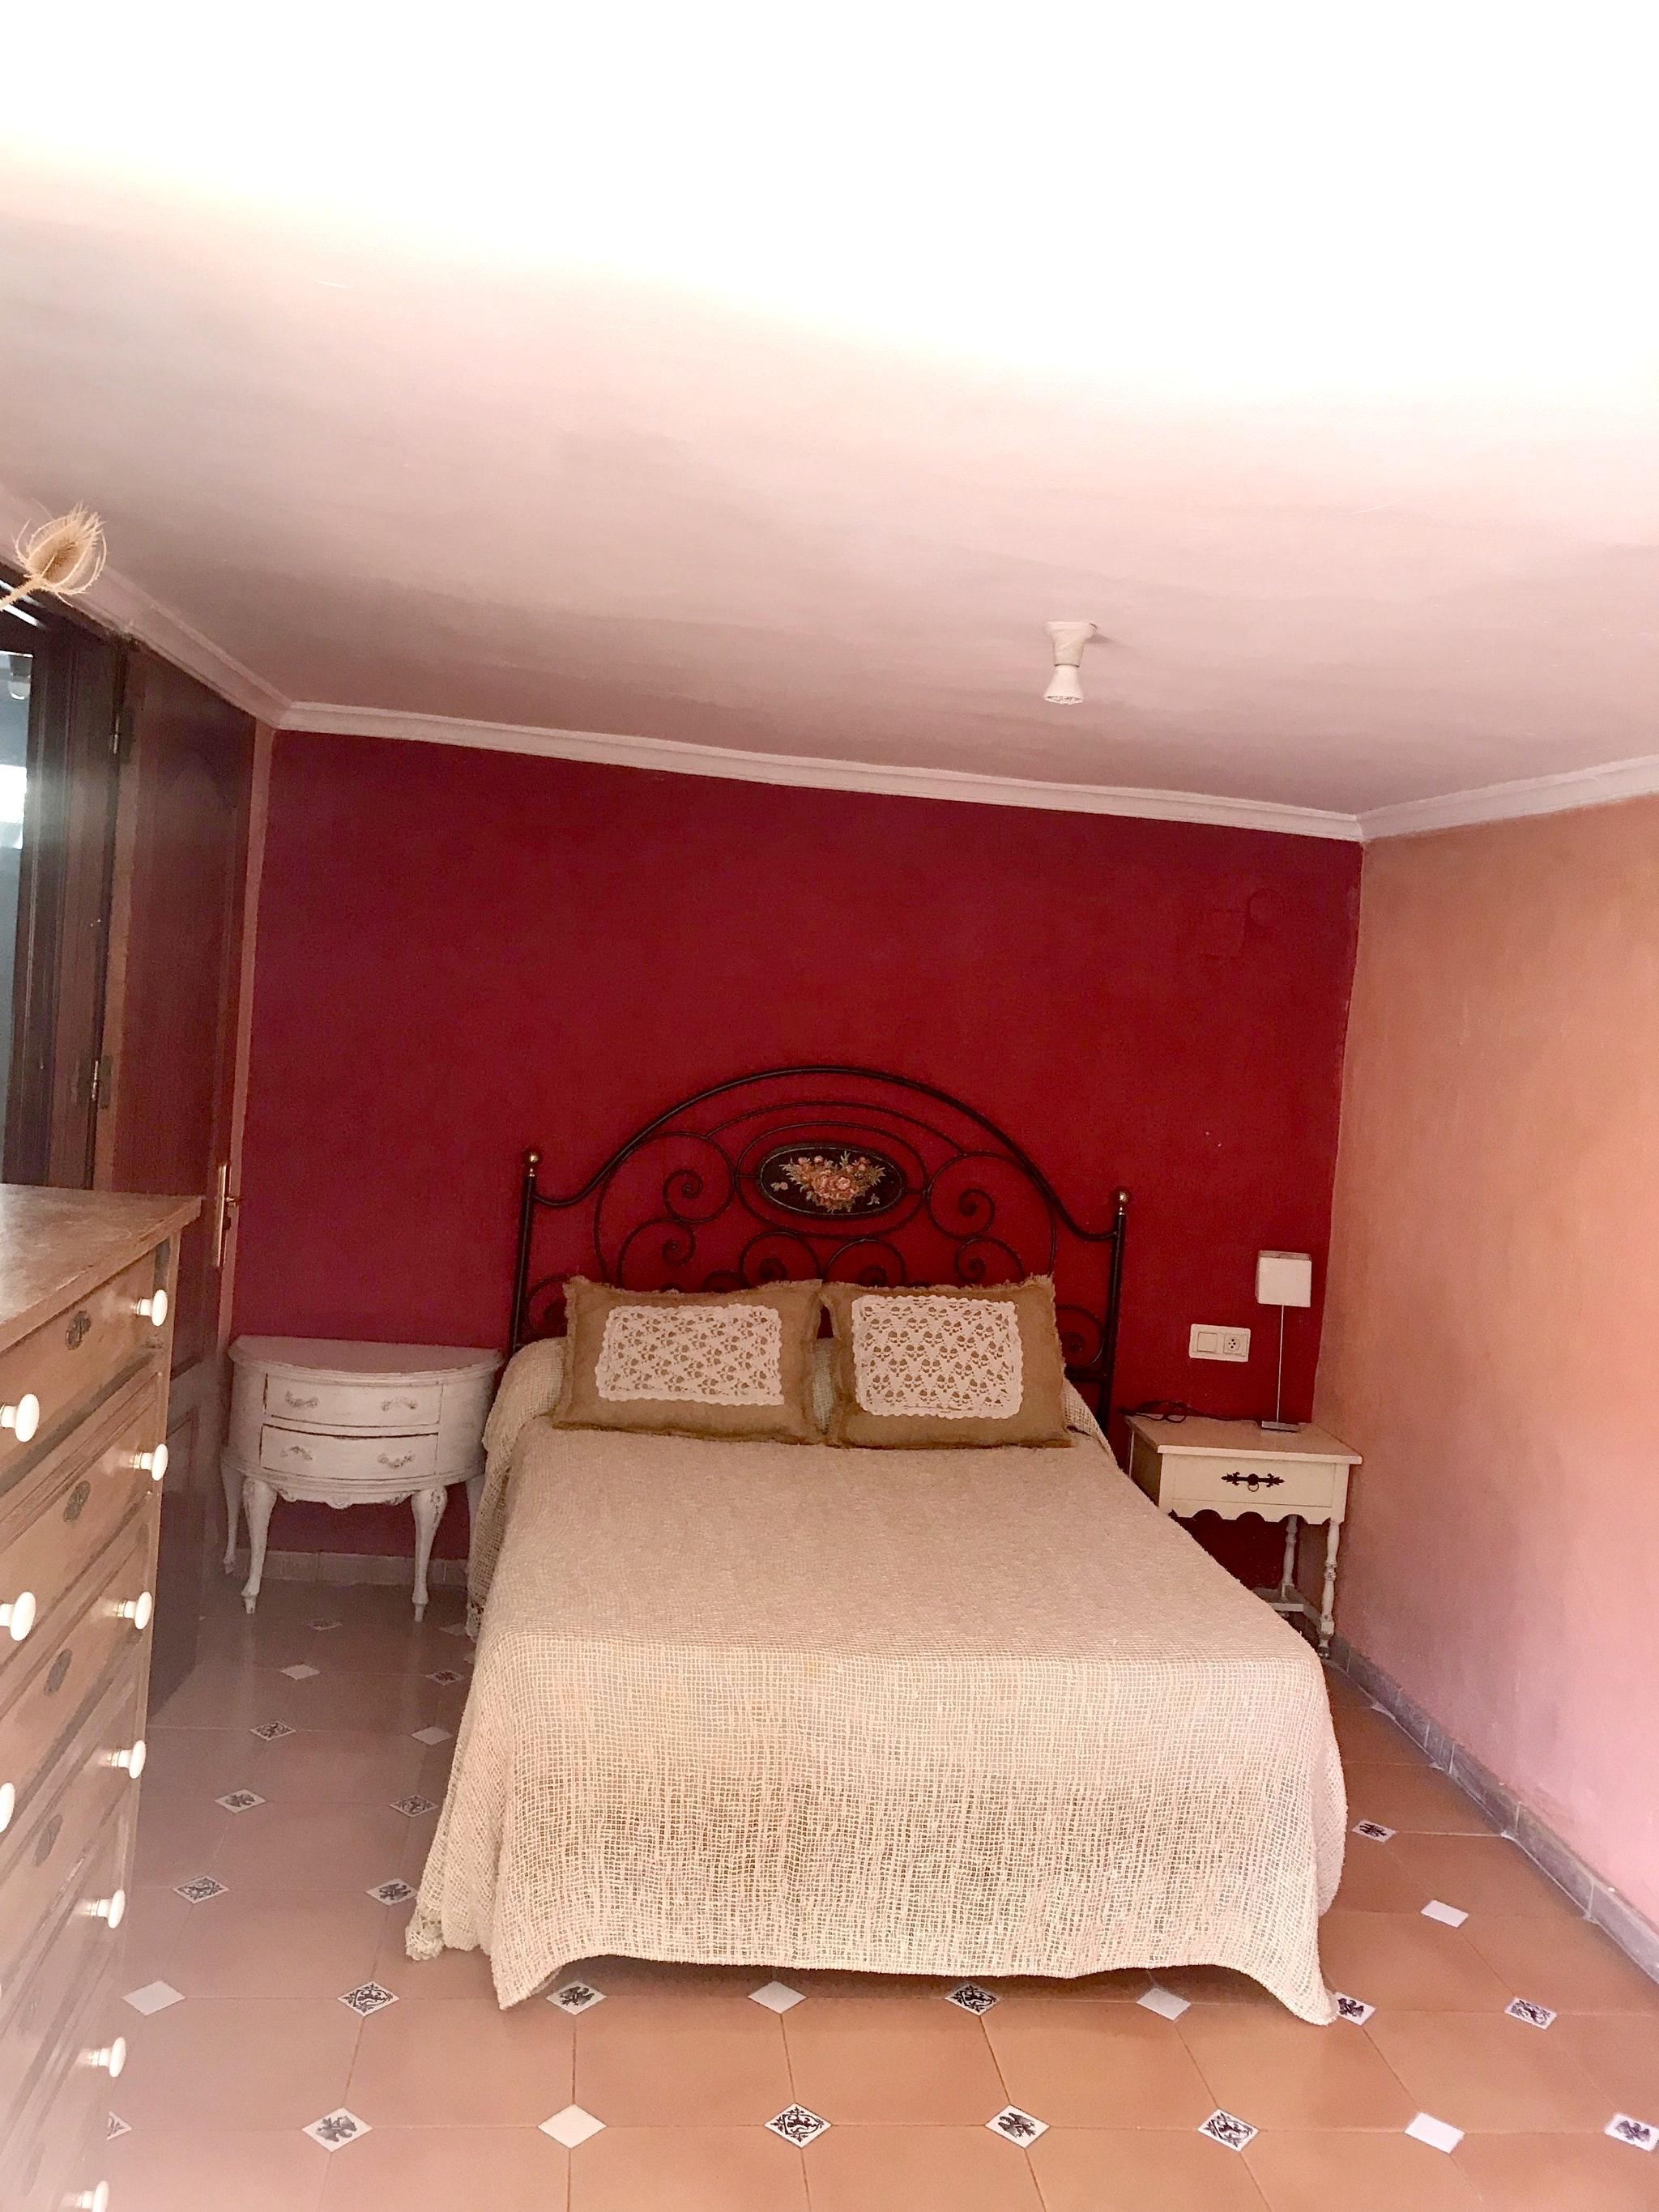 Maison de vacances Hütte mit 4 Schlafzimmern in Camarena de la Sierra mit toller Aussicht auf die Berge, priv (2474258), Camarena de la Sierra, Teruel, Aragon, Espagne, image 22